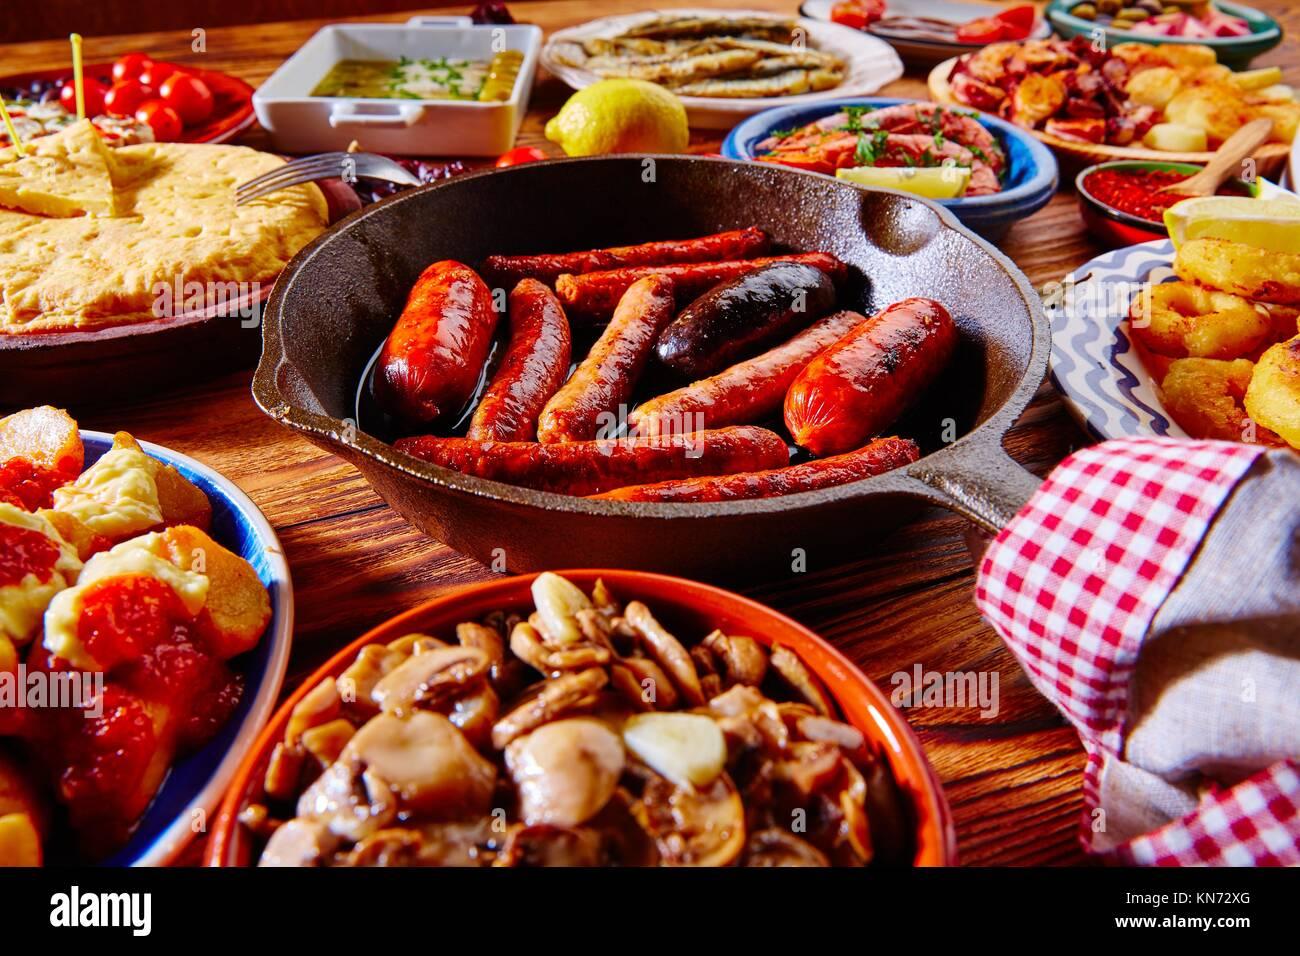 Tapas de España mezcla variada de tapas más populares de la comida mediterránea. Imagen De Stock